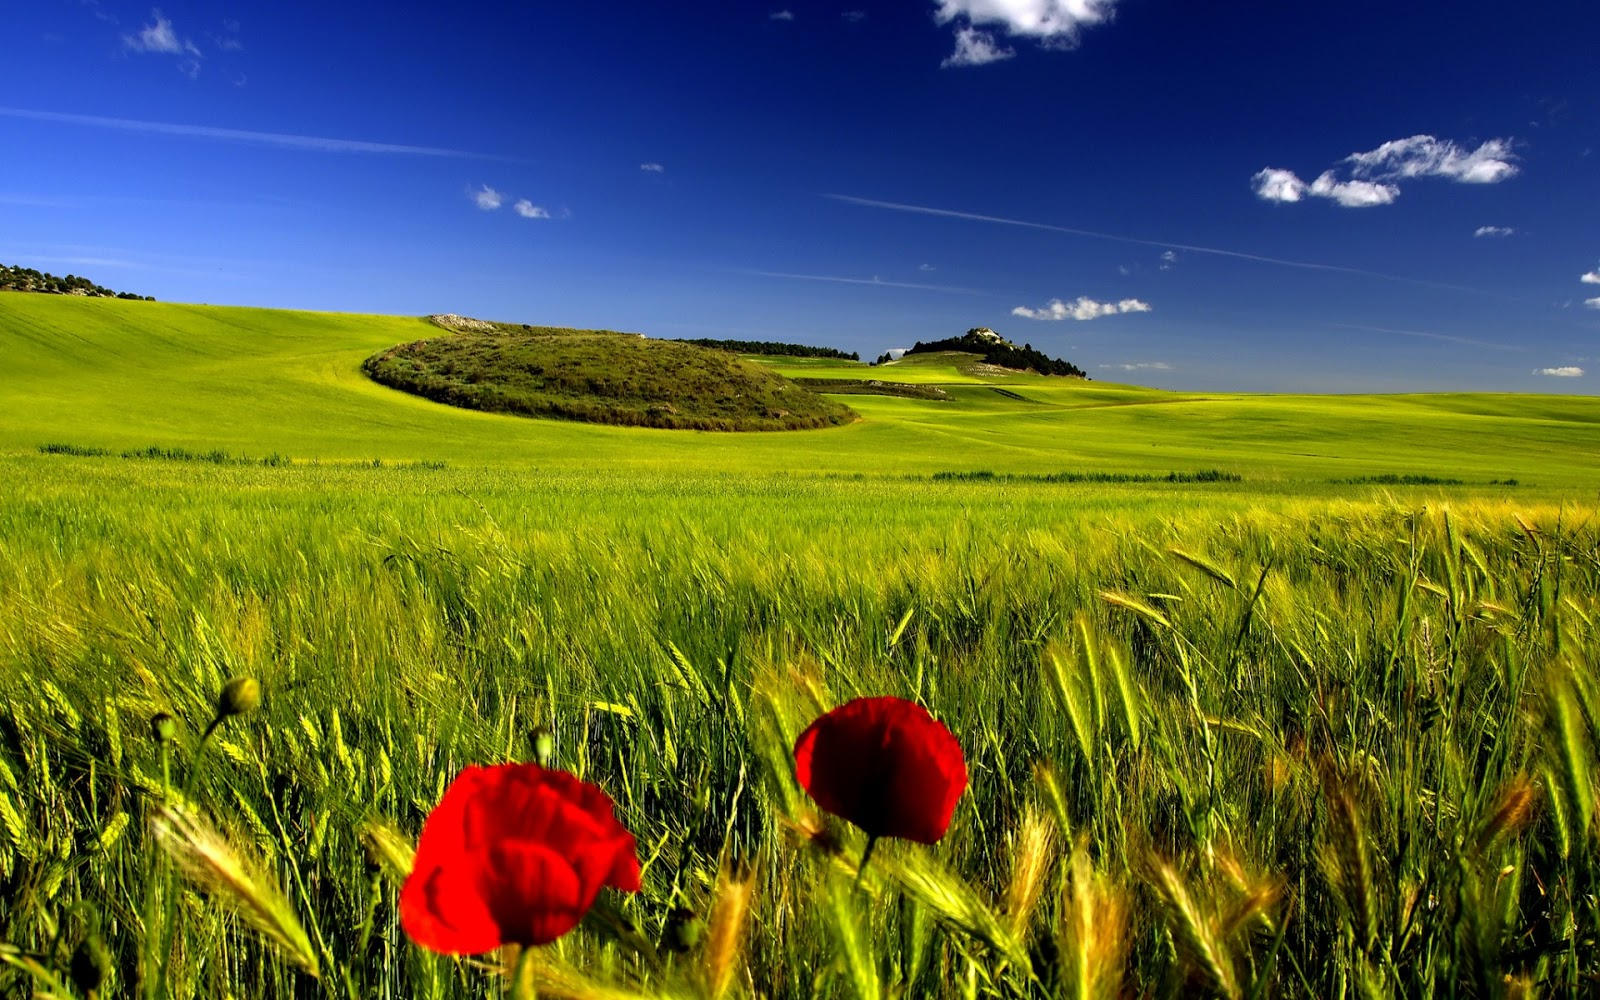 http://2.bp.blogspot.com/-Bprshp3a1Zw/UTNQMoYQhDI/AAAAAAAAVbU/DMsXtDz1uy0/s1600/Nature+Wallpaper+%5B1920X1200%5D+0027.jpg